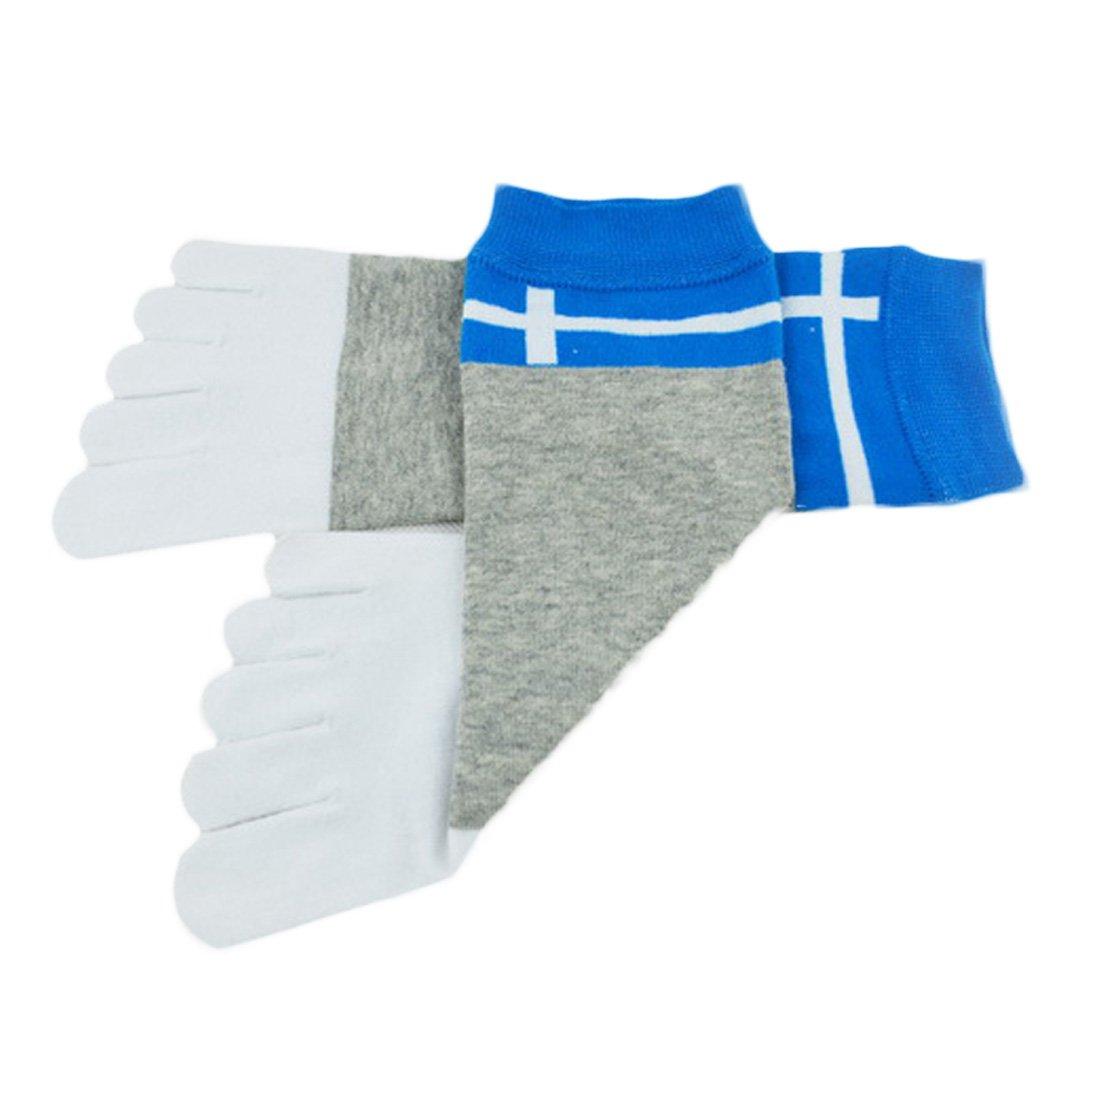 HP95 TM Mens Five Finger Socks Mesh Meias Socks Toe Socks Sports Socks